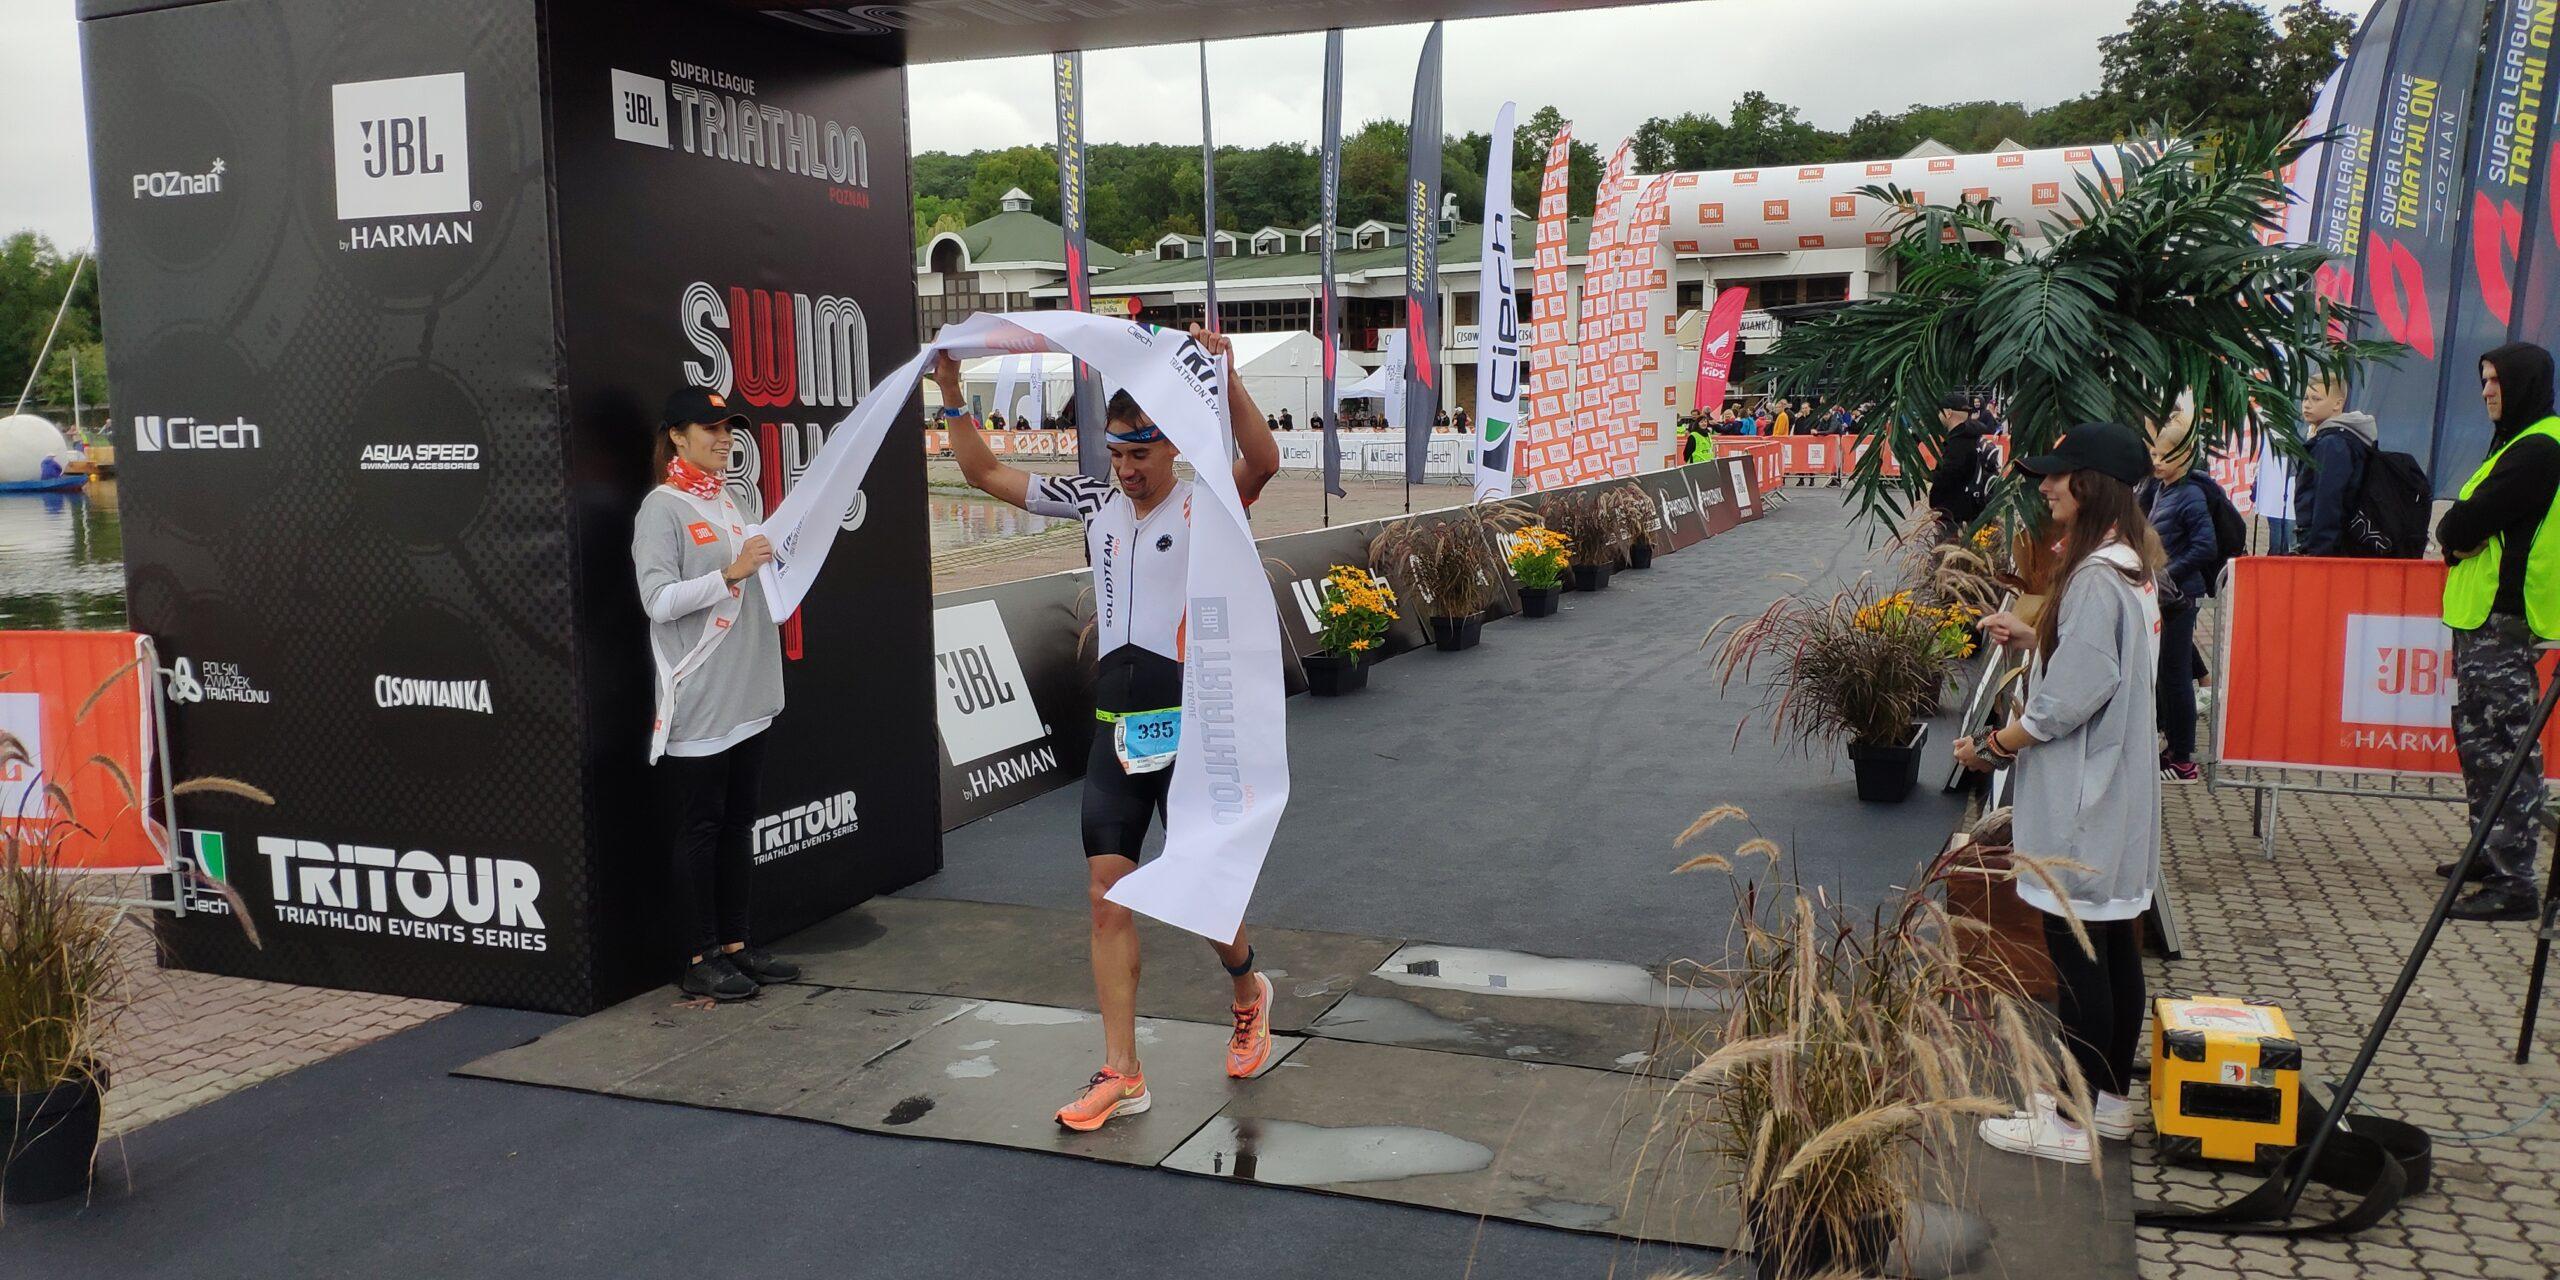 Relacja. Robert Czysz i nasza sztafeta zwycięzcami sobotniej odsłony JBL Super League Triathlon!